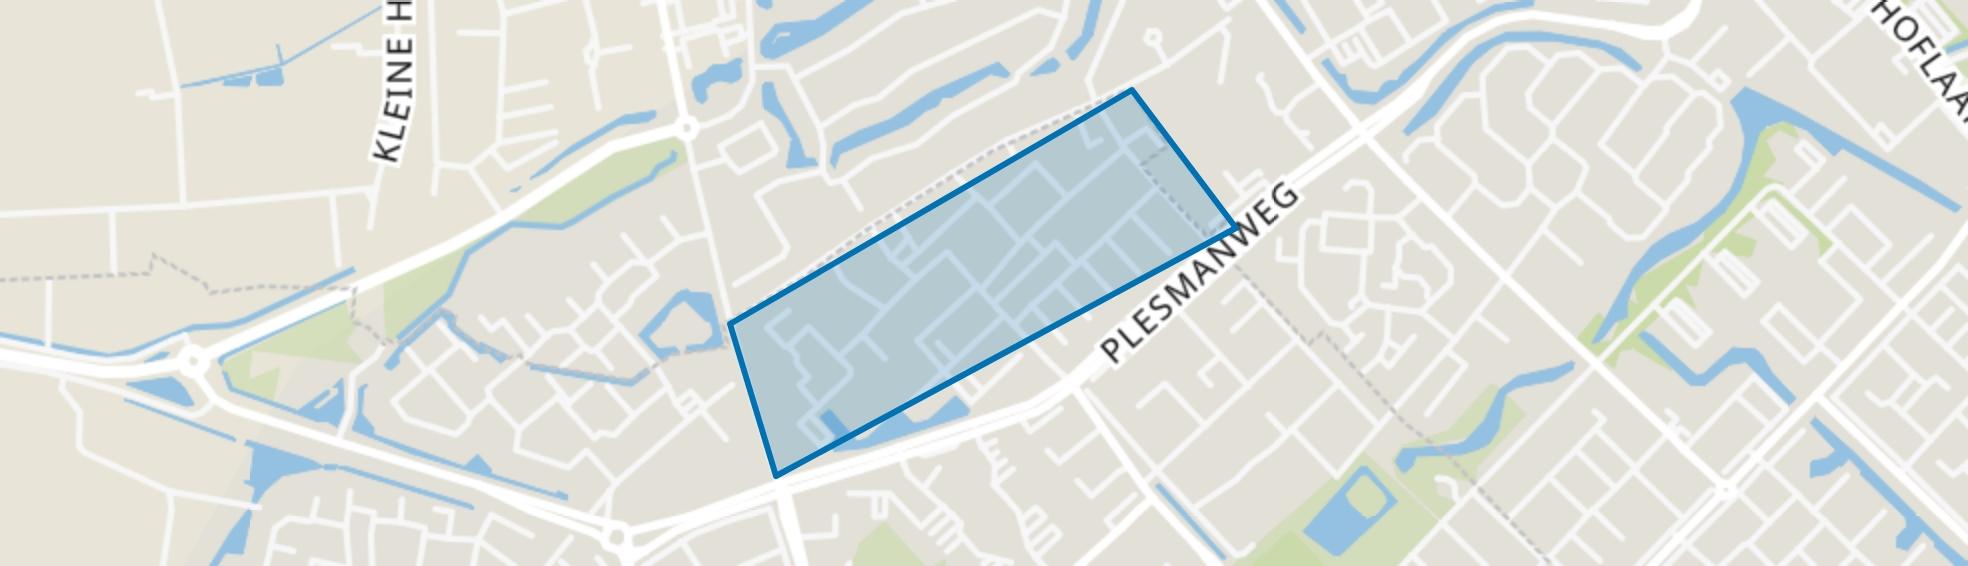 Bleriotlaan, Beverwijk map